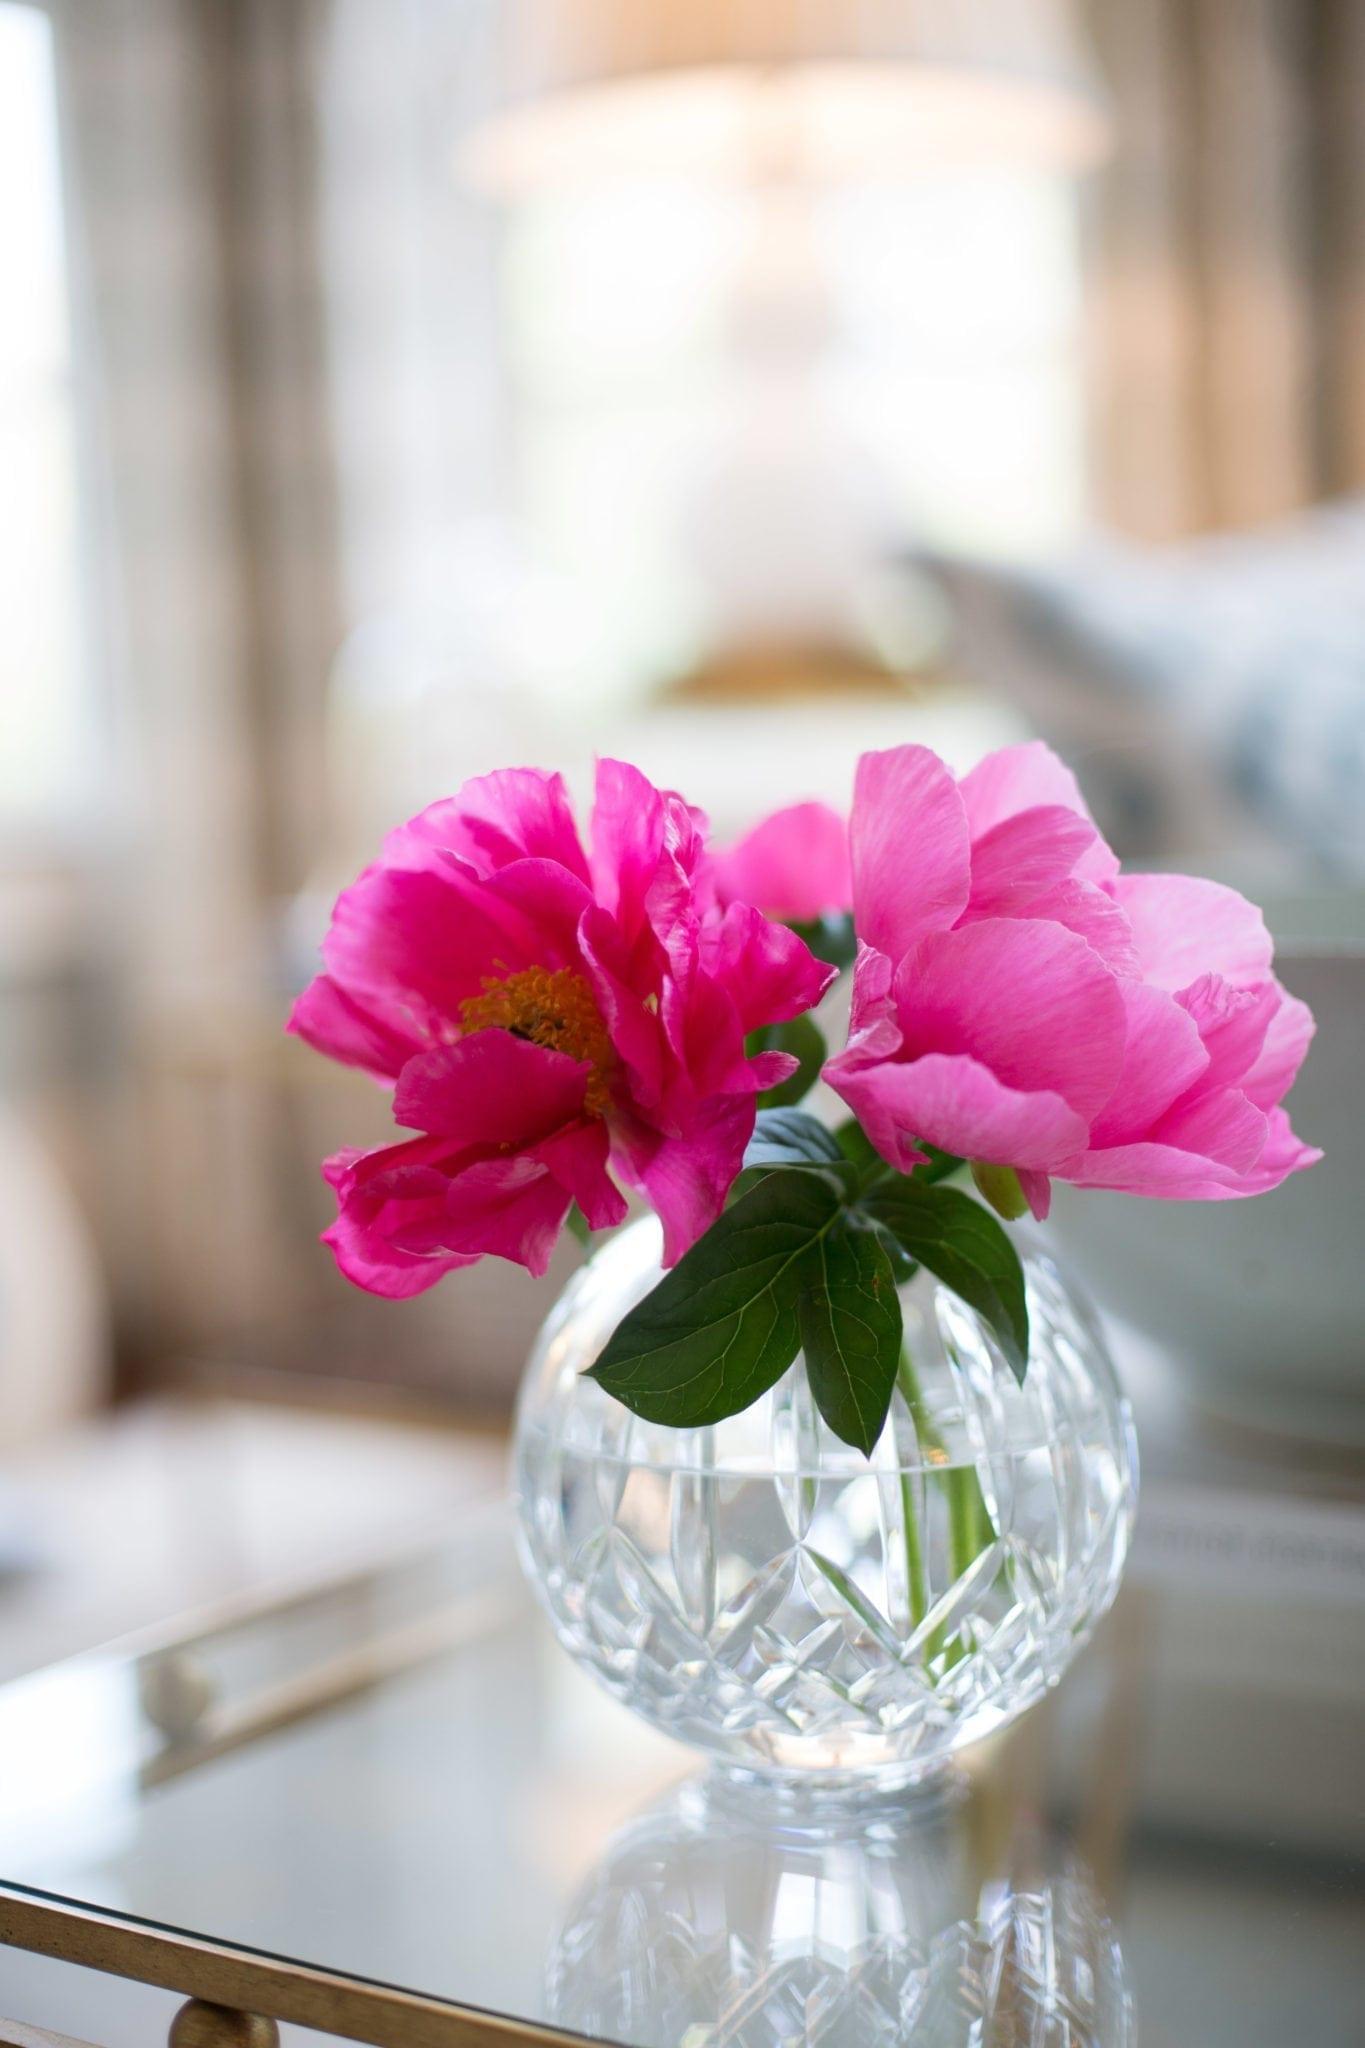 Dark pink peony blooms in flower arrangement.